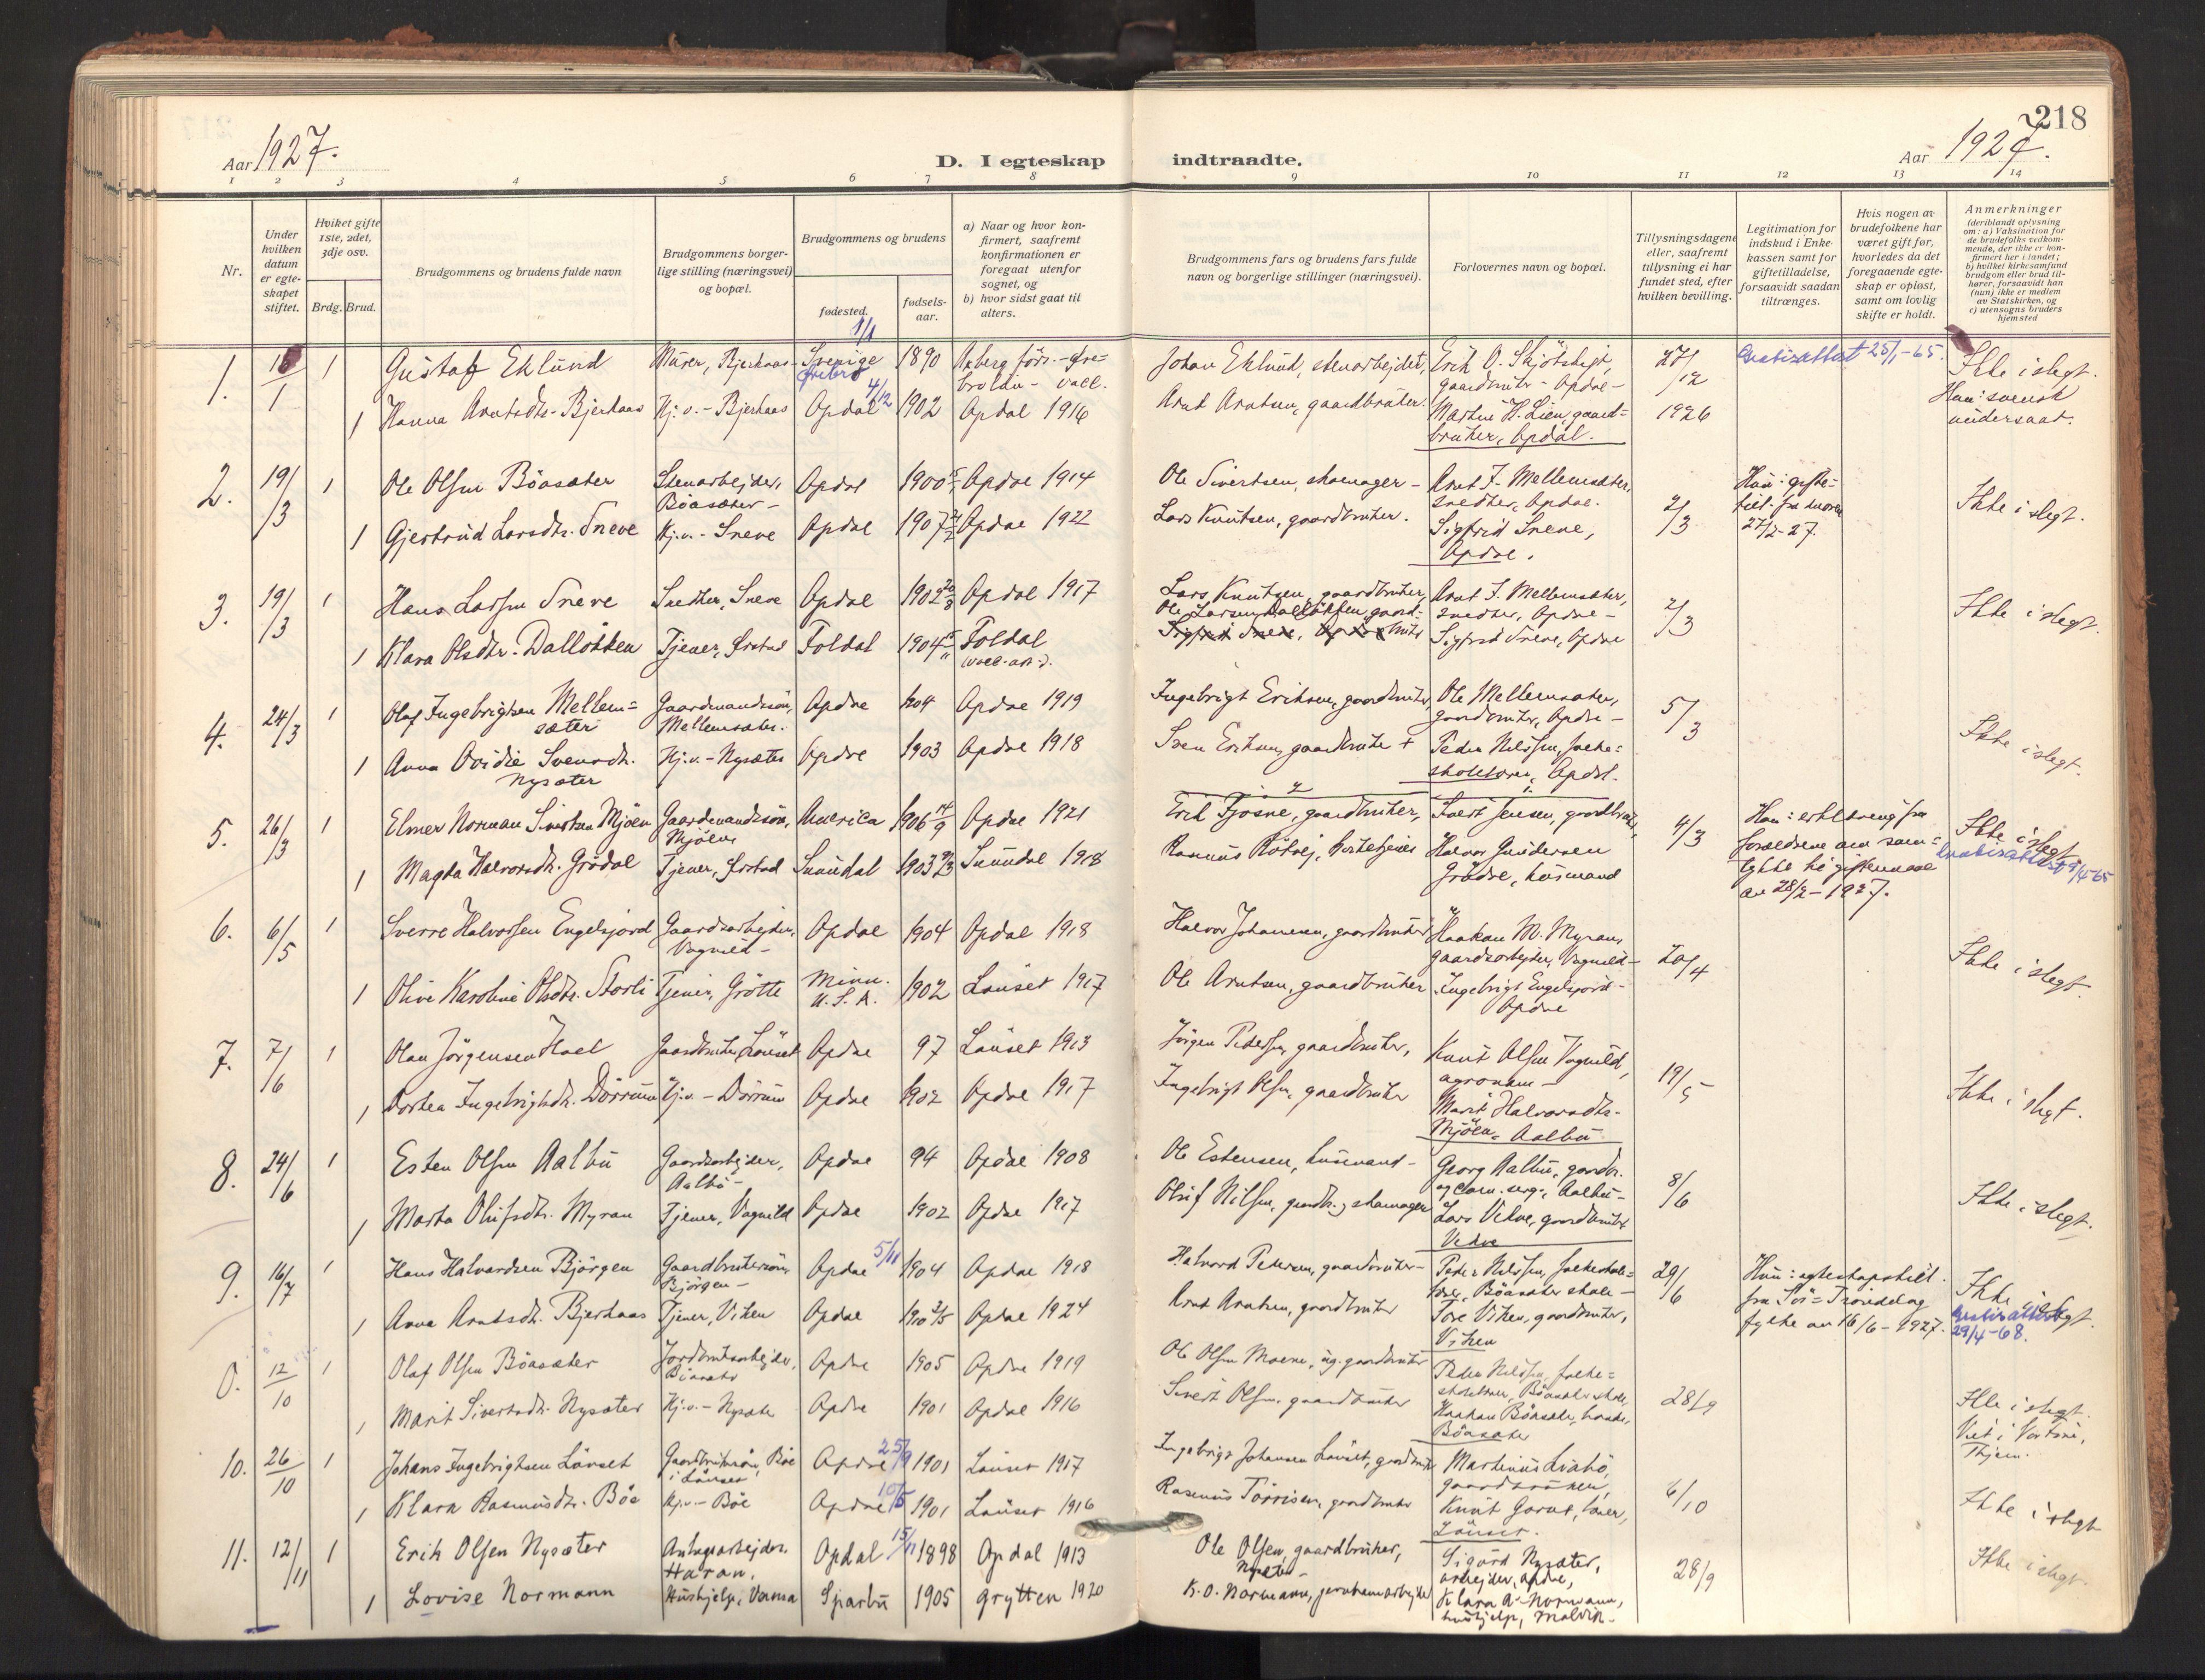 SAT, Ministerialprotokoller, klokkerbøker og fødselsregistre - Sør-Trøndelag, 678/L0909: Ministerialbok nr. 678A17, 1912-1930, s. 218